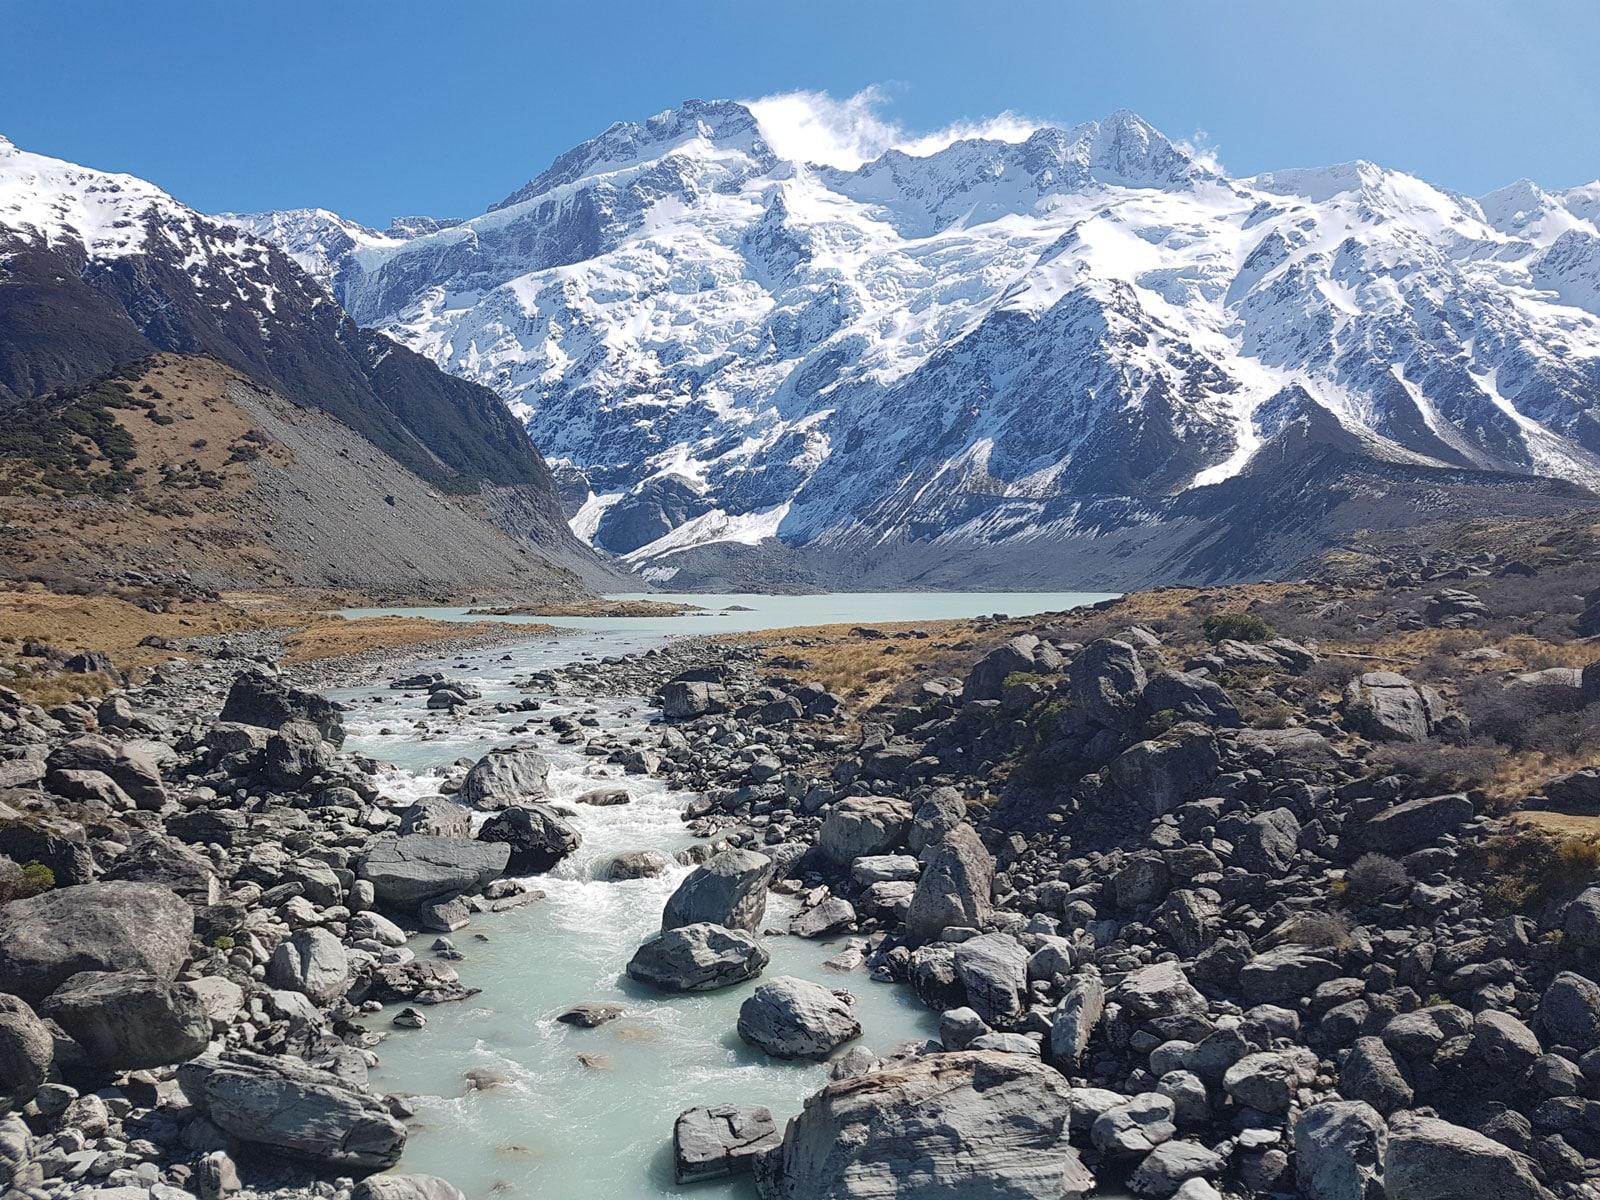 Rondreis-Nieuw-Zeeland-Hooker-Valley-Trail-1-min